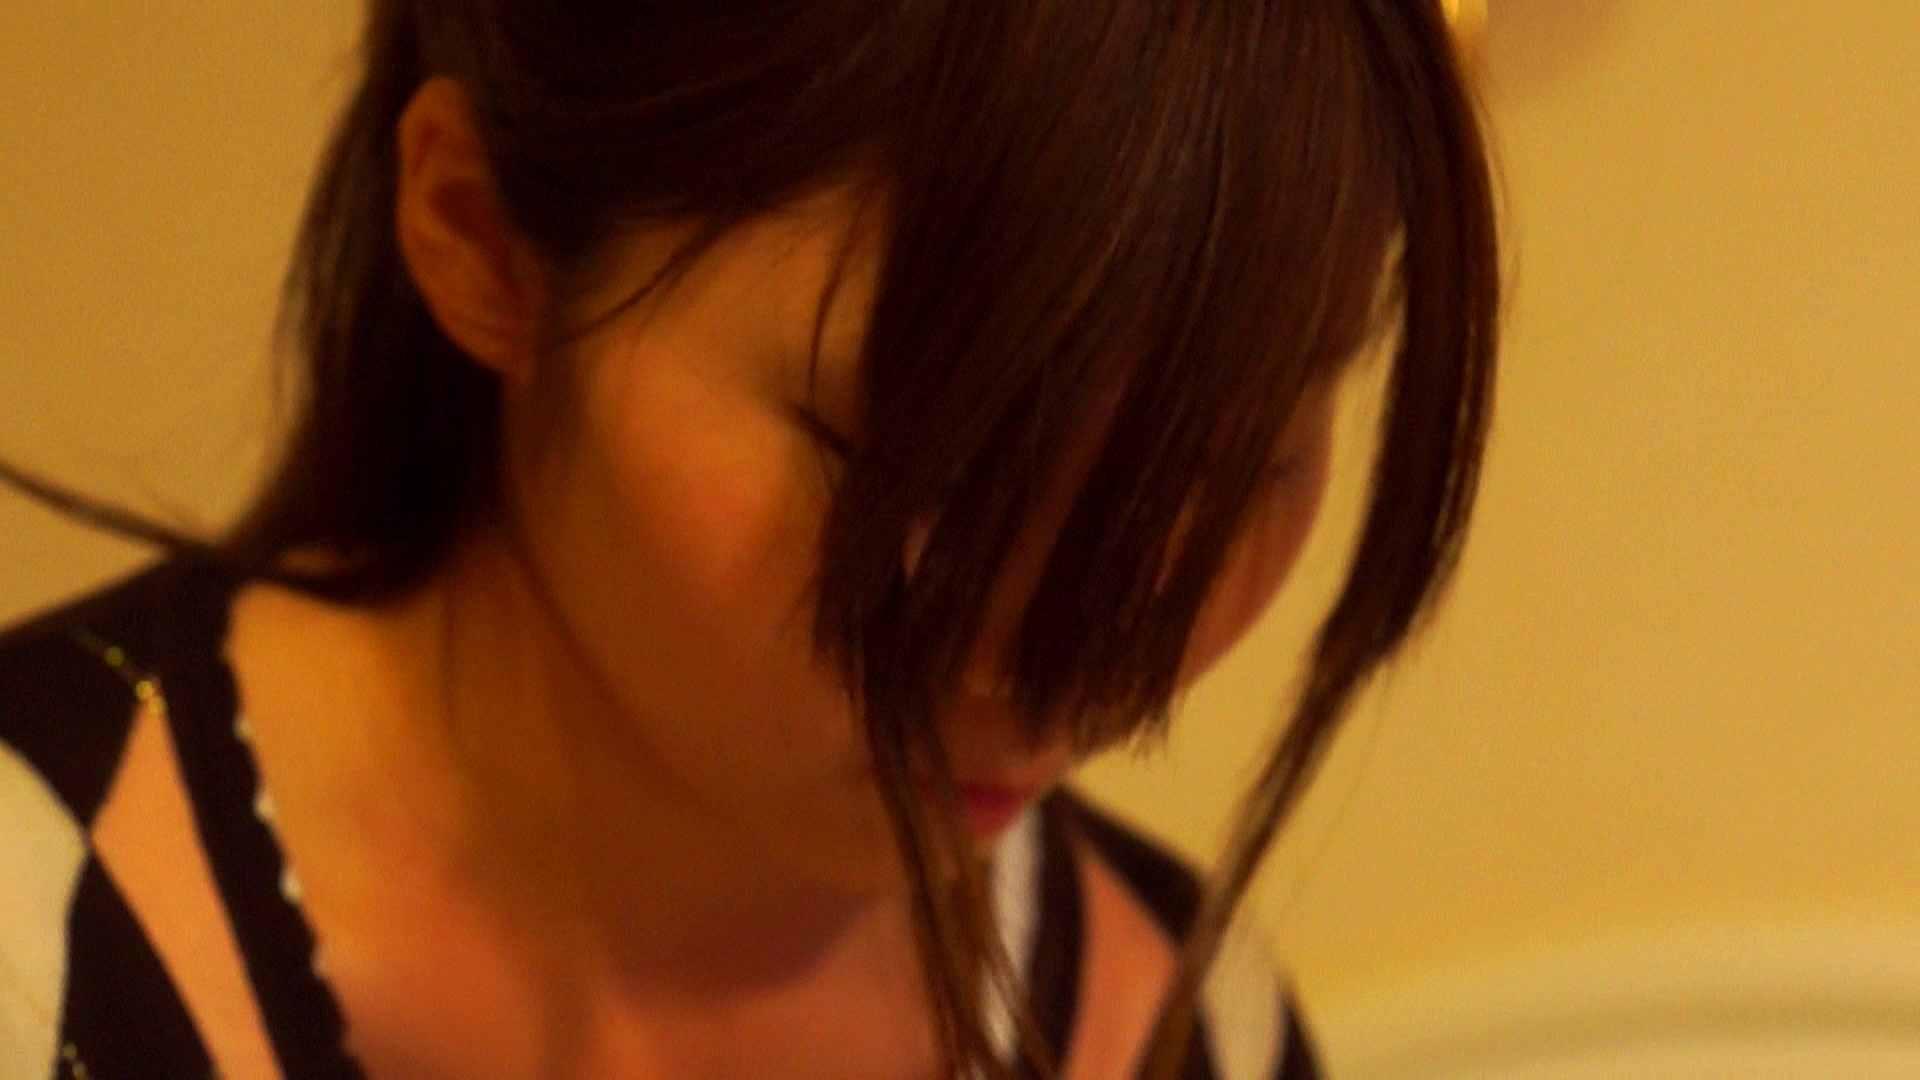 vol.11 瑞希ちゃんのパンチラサービス チラ歓迎 アダルト動画キャプチャ 101pic 53